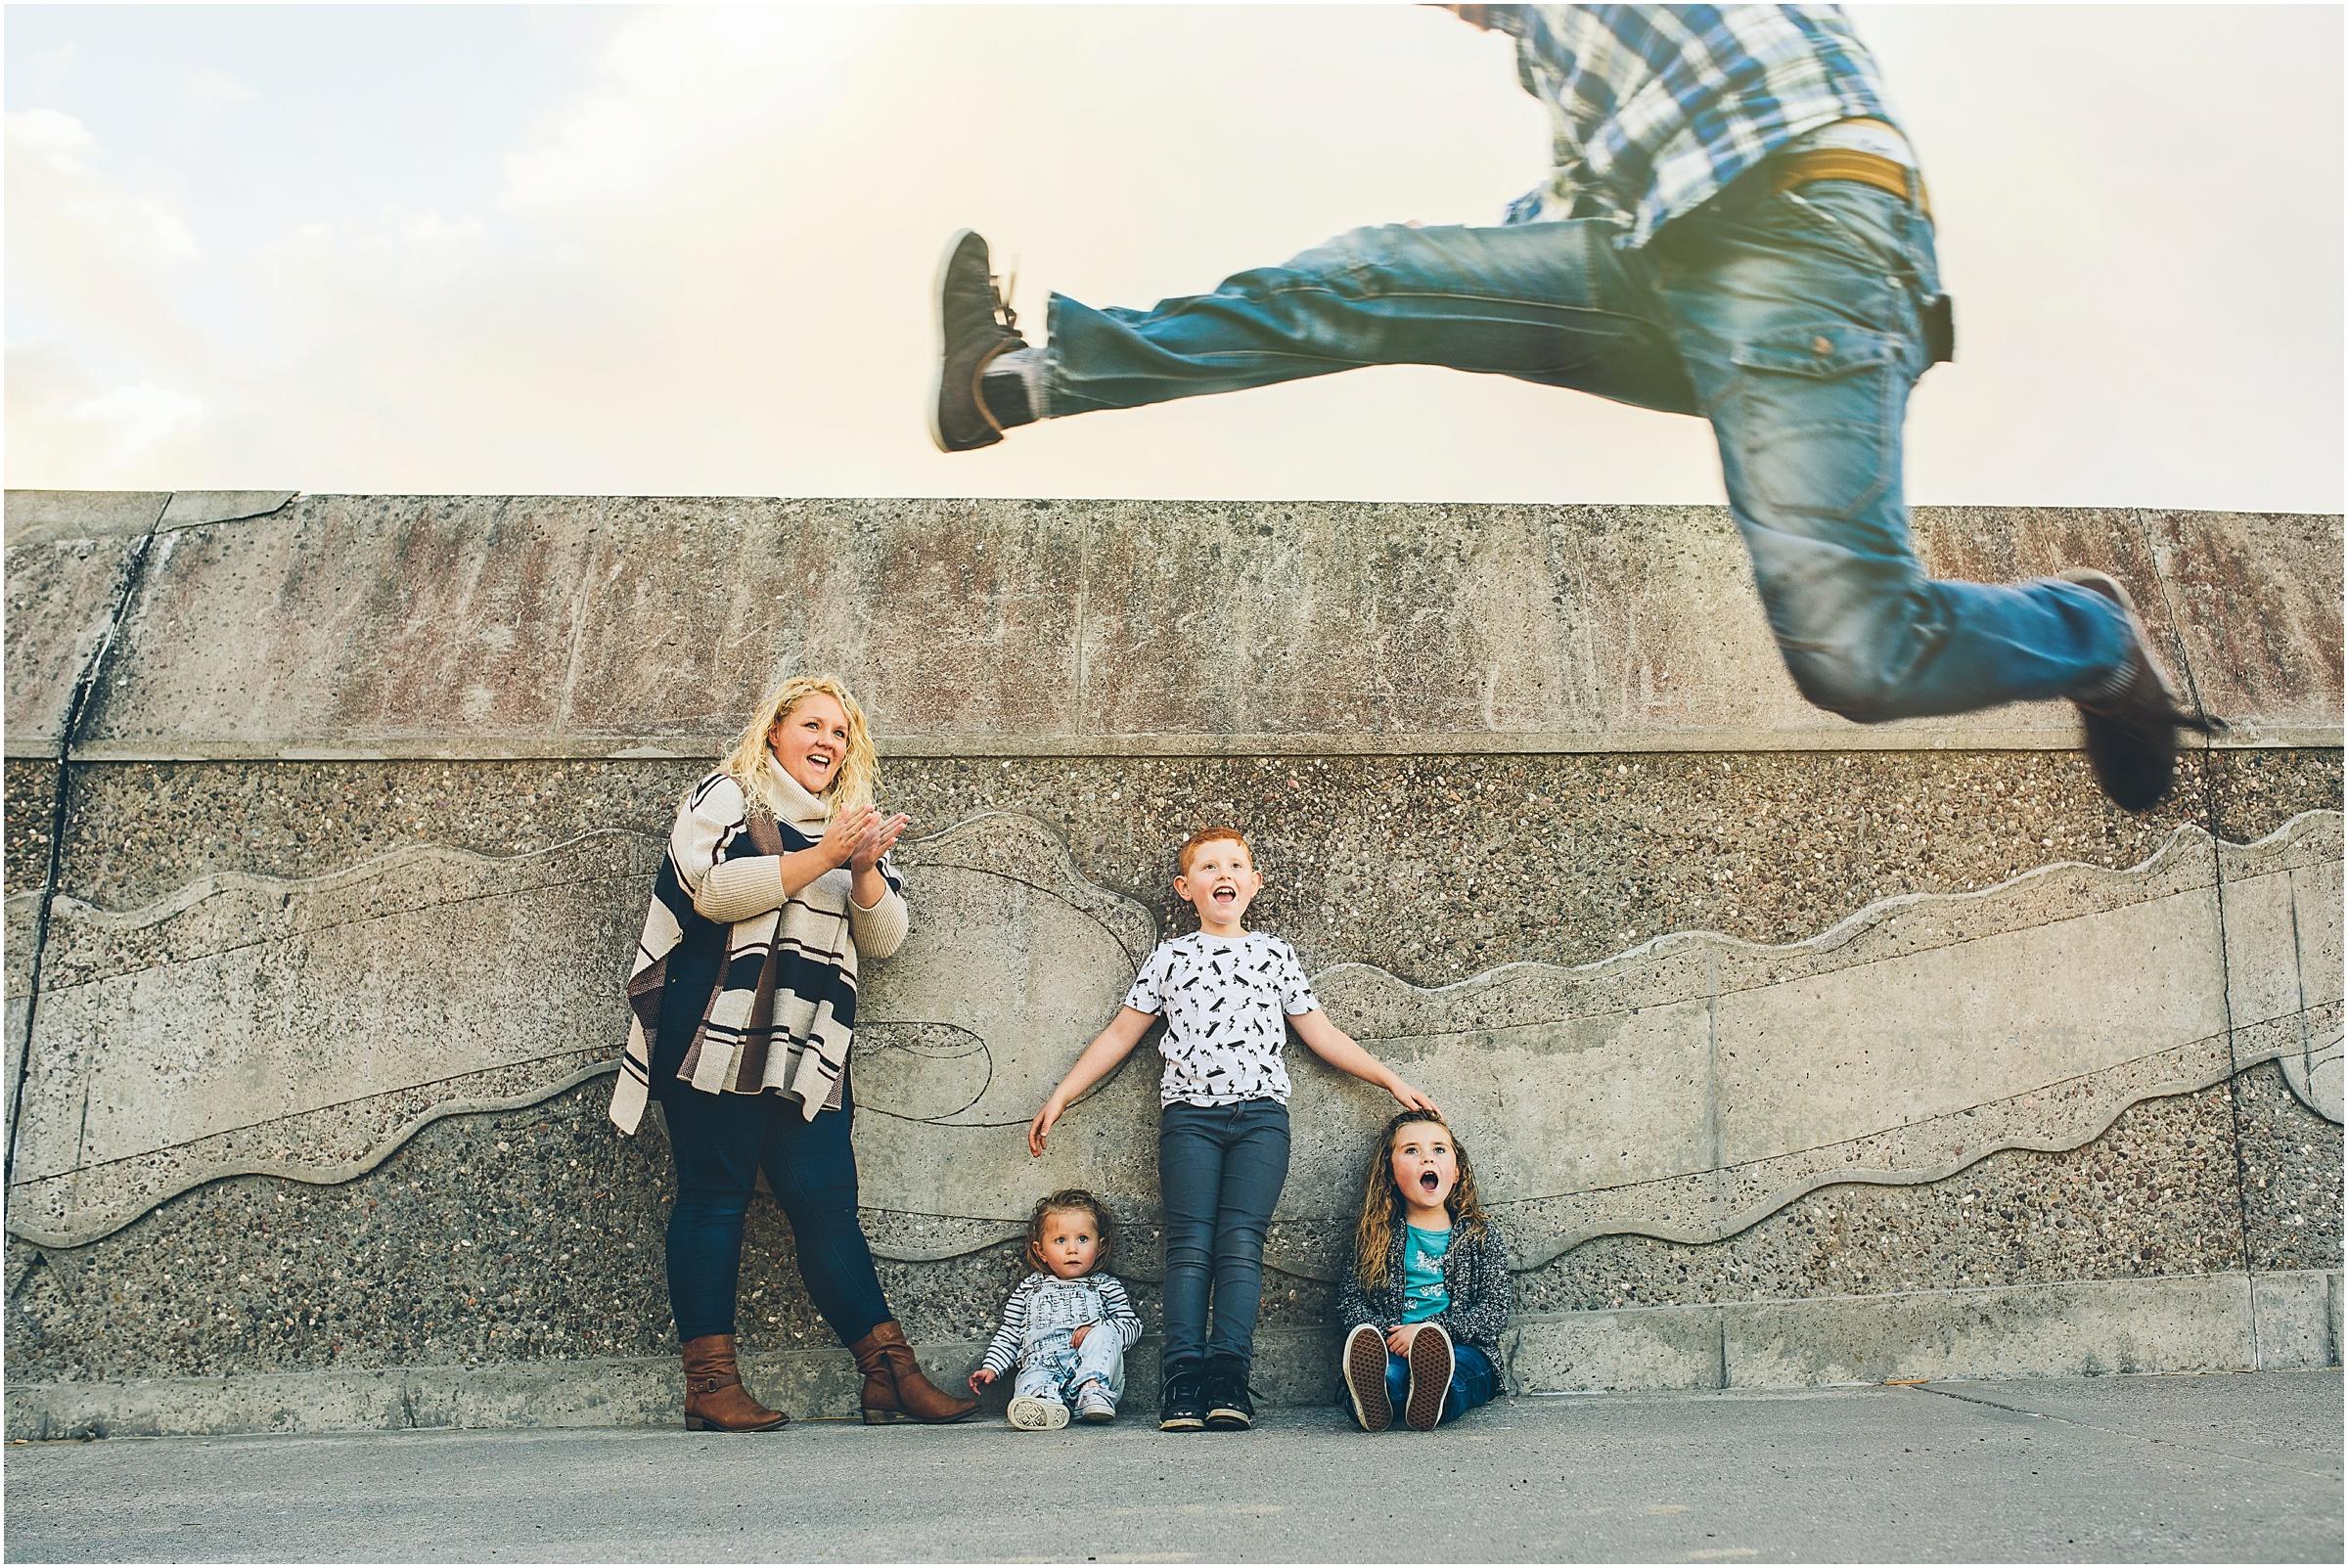 Best_Of_Family_Photograhy_0022.jpg